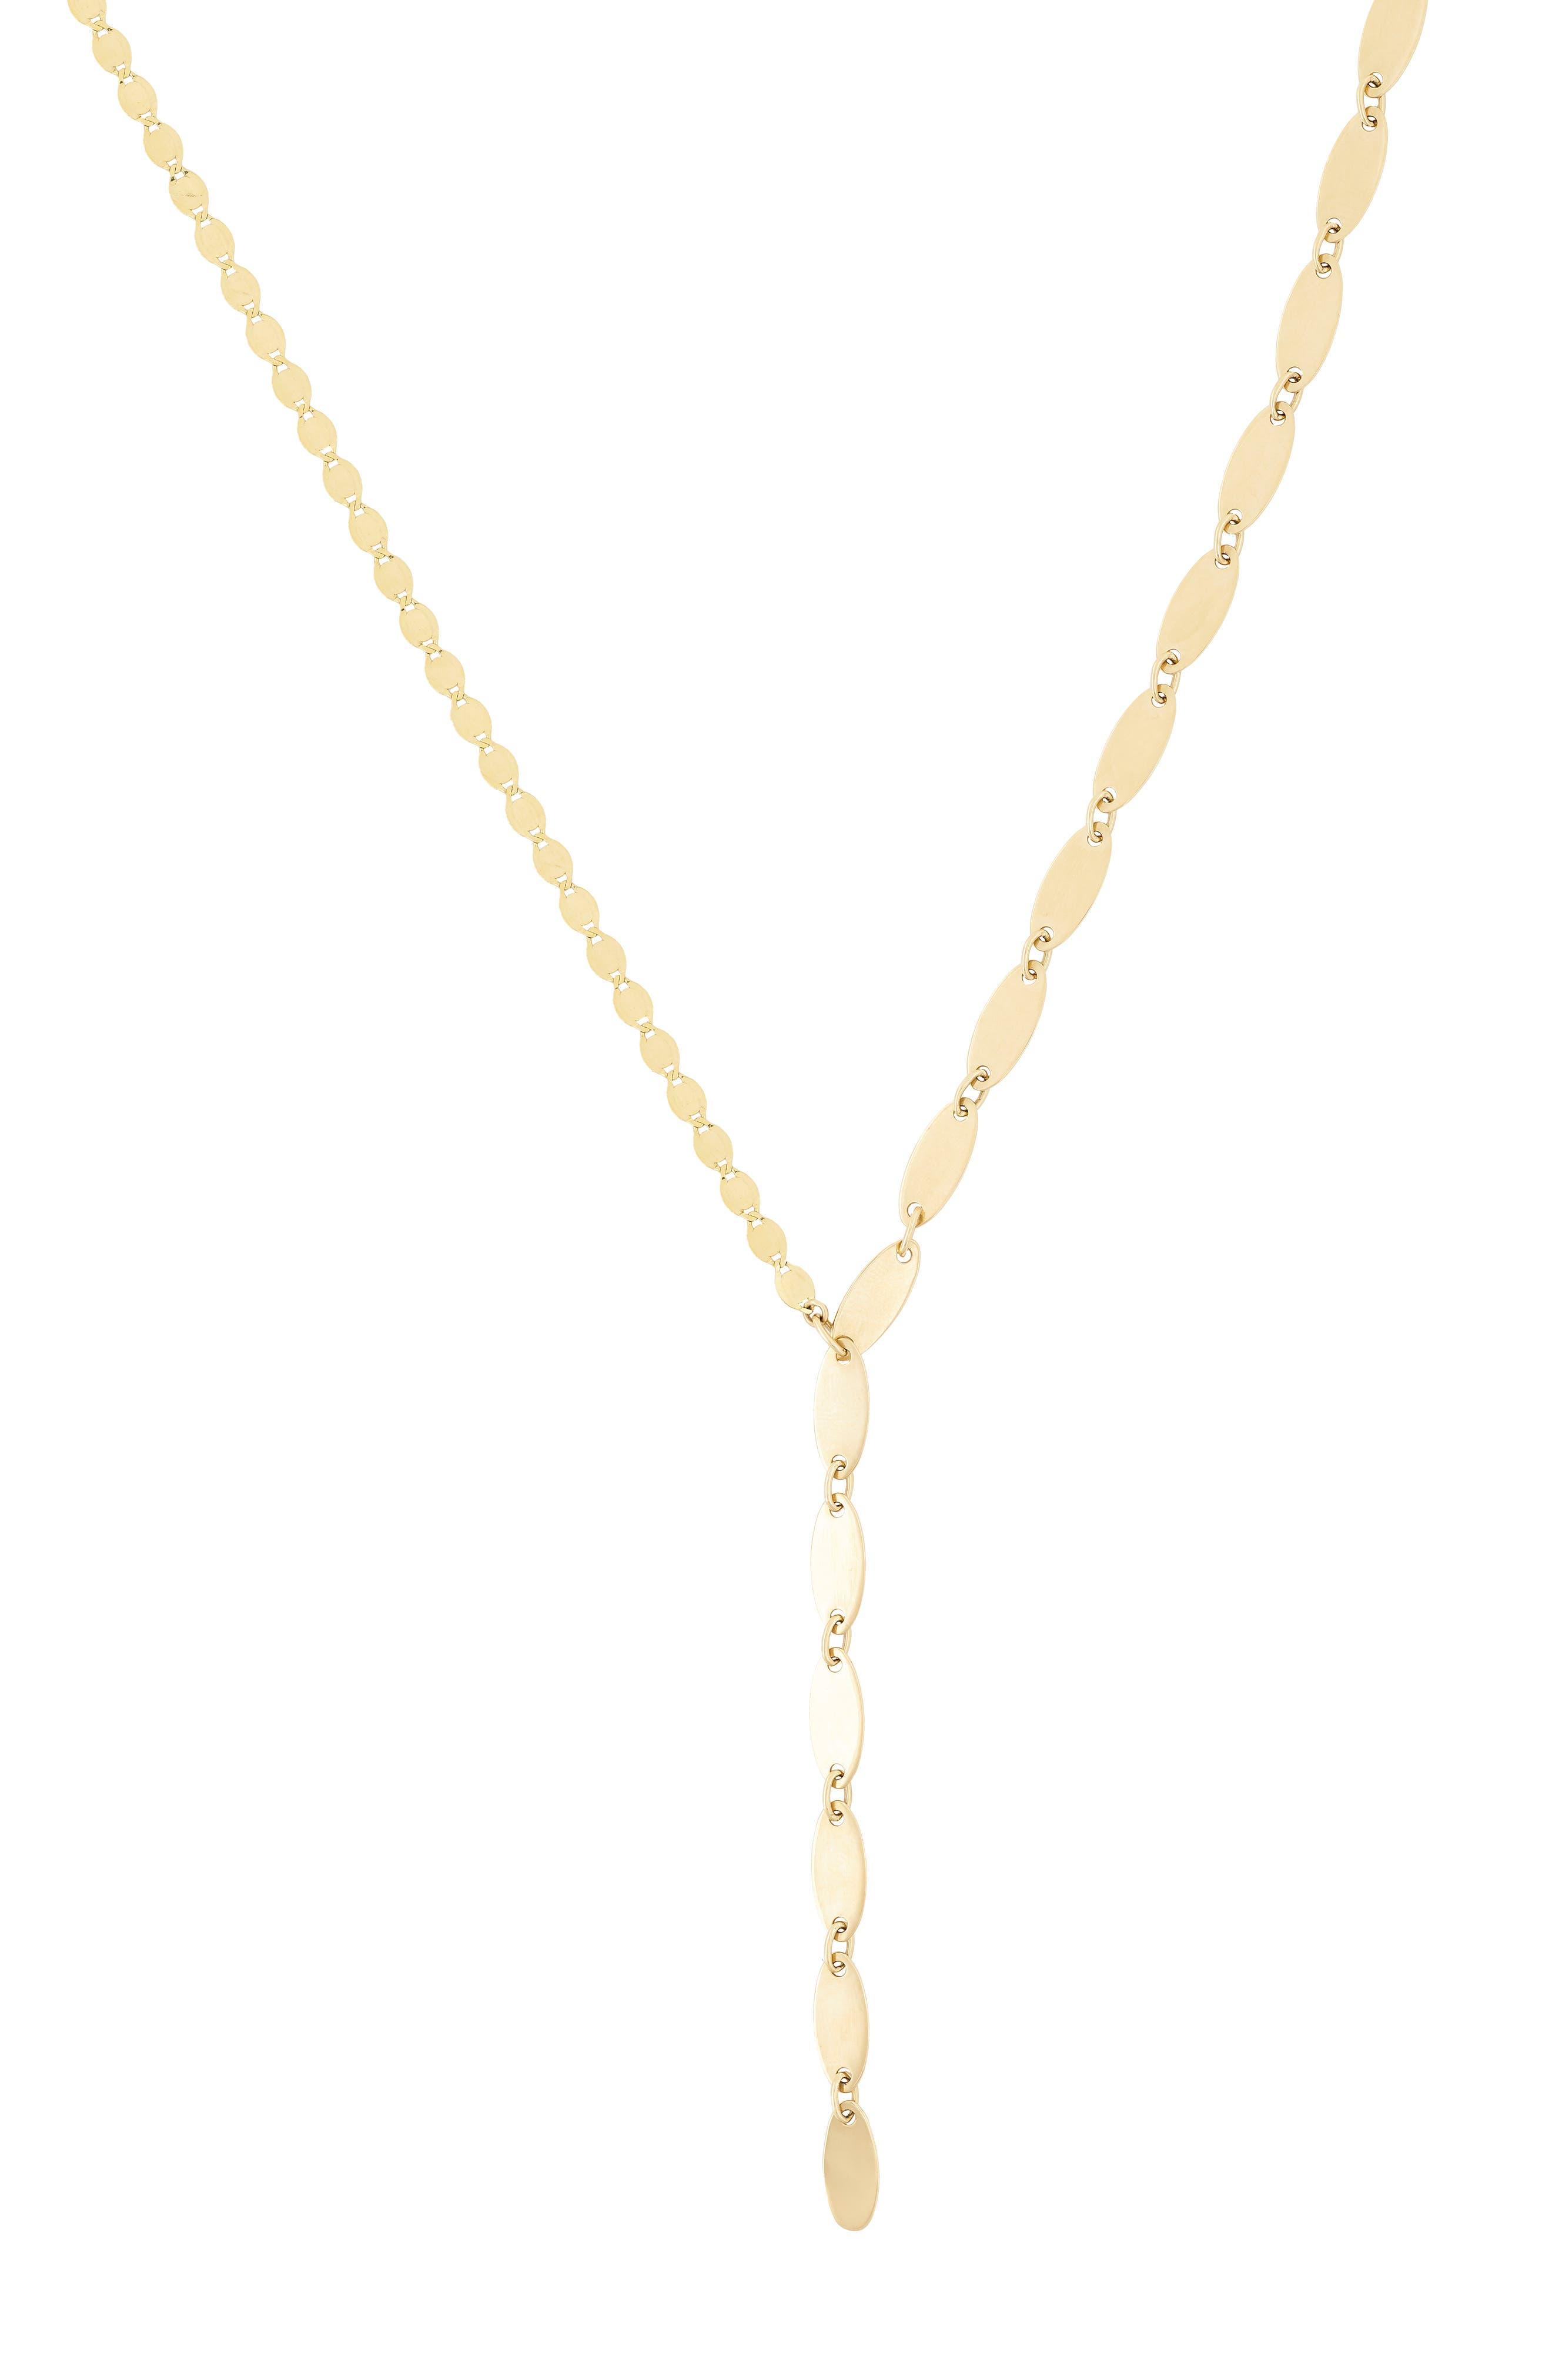 Bond Lariat Necklace,                             Main thumbnail 1, color,                             710